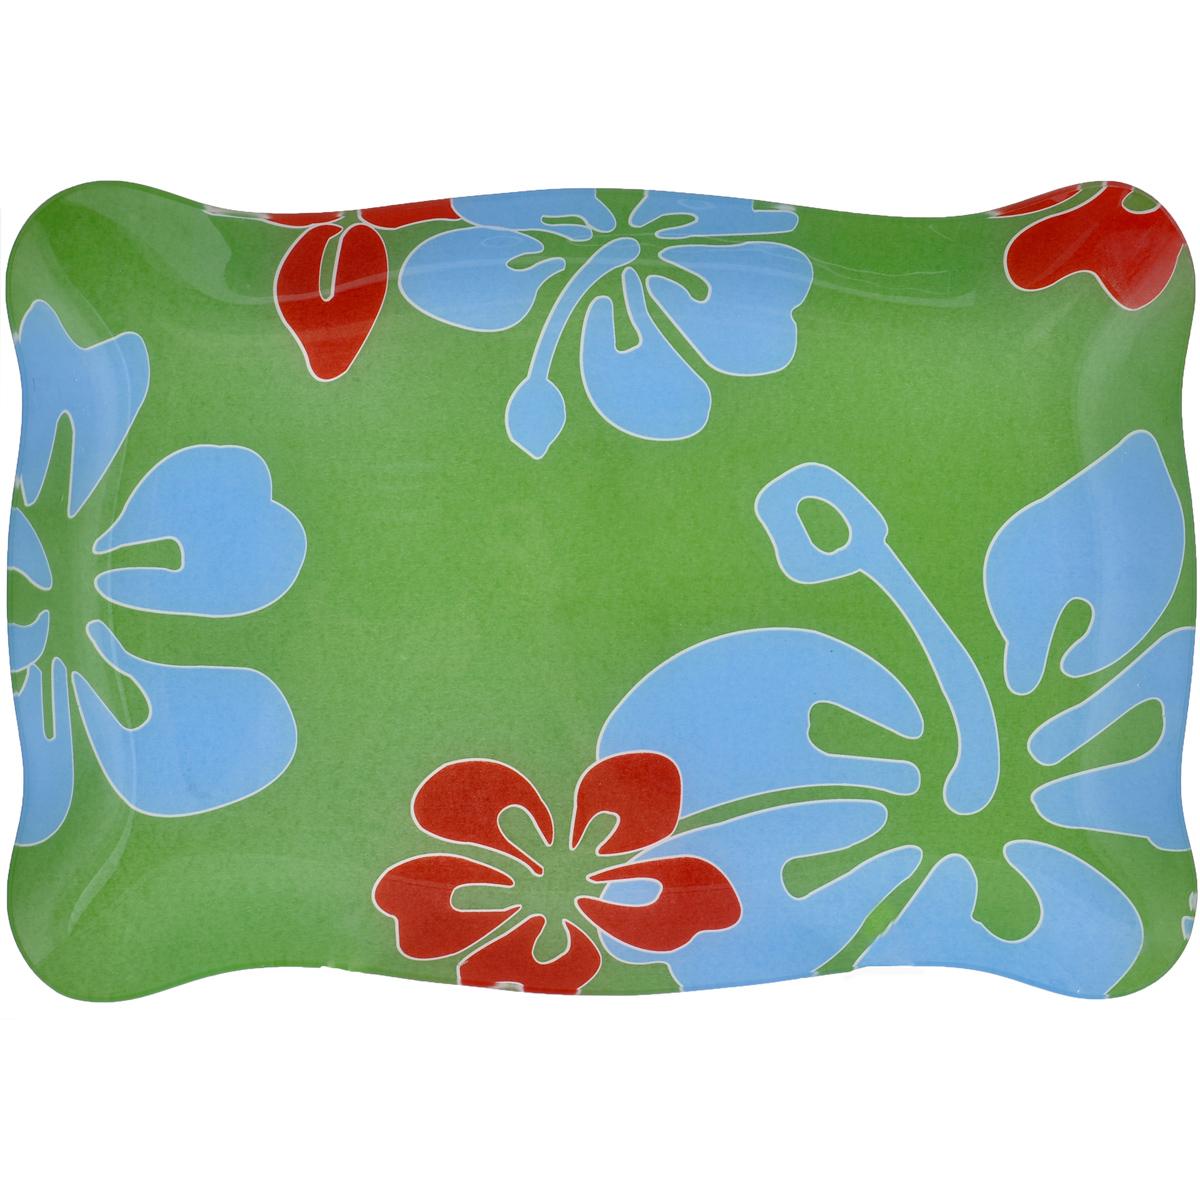 Тарелка House & Holder, цвет: зеленый, 34 х 23 х 2,5 смVB-2Прямоугольная тарелка House & Holder выполнена из прочного стекла и оформлена красочным изображением цветов. Изделие предназначено для красивой сервировки стола. Тарелка House & Holder станет ярким украшением стола. Размер: 34 см х 23 см х 2,5 см.